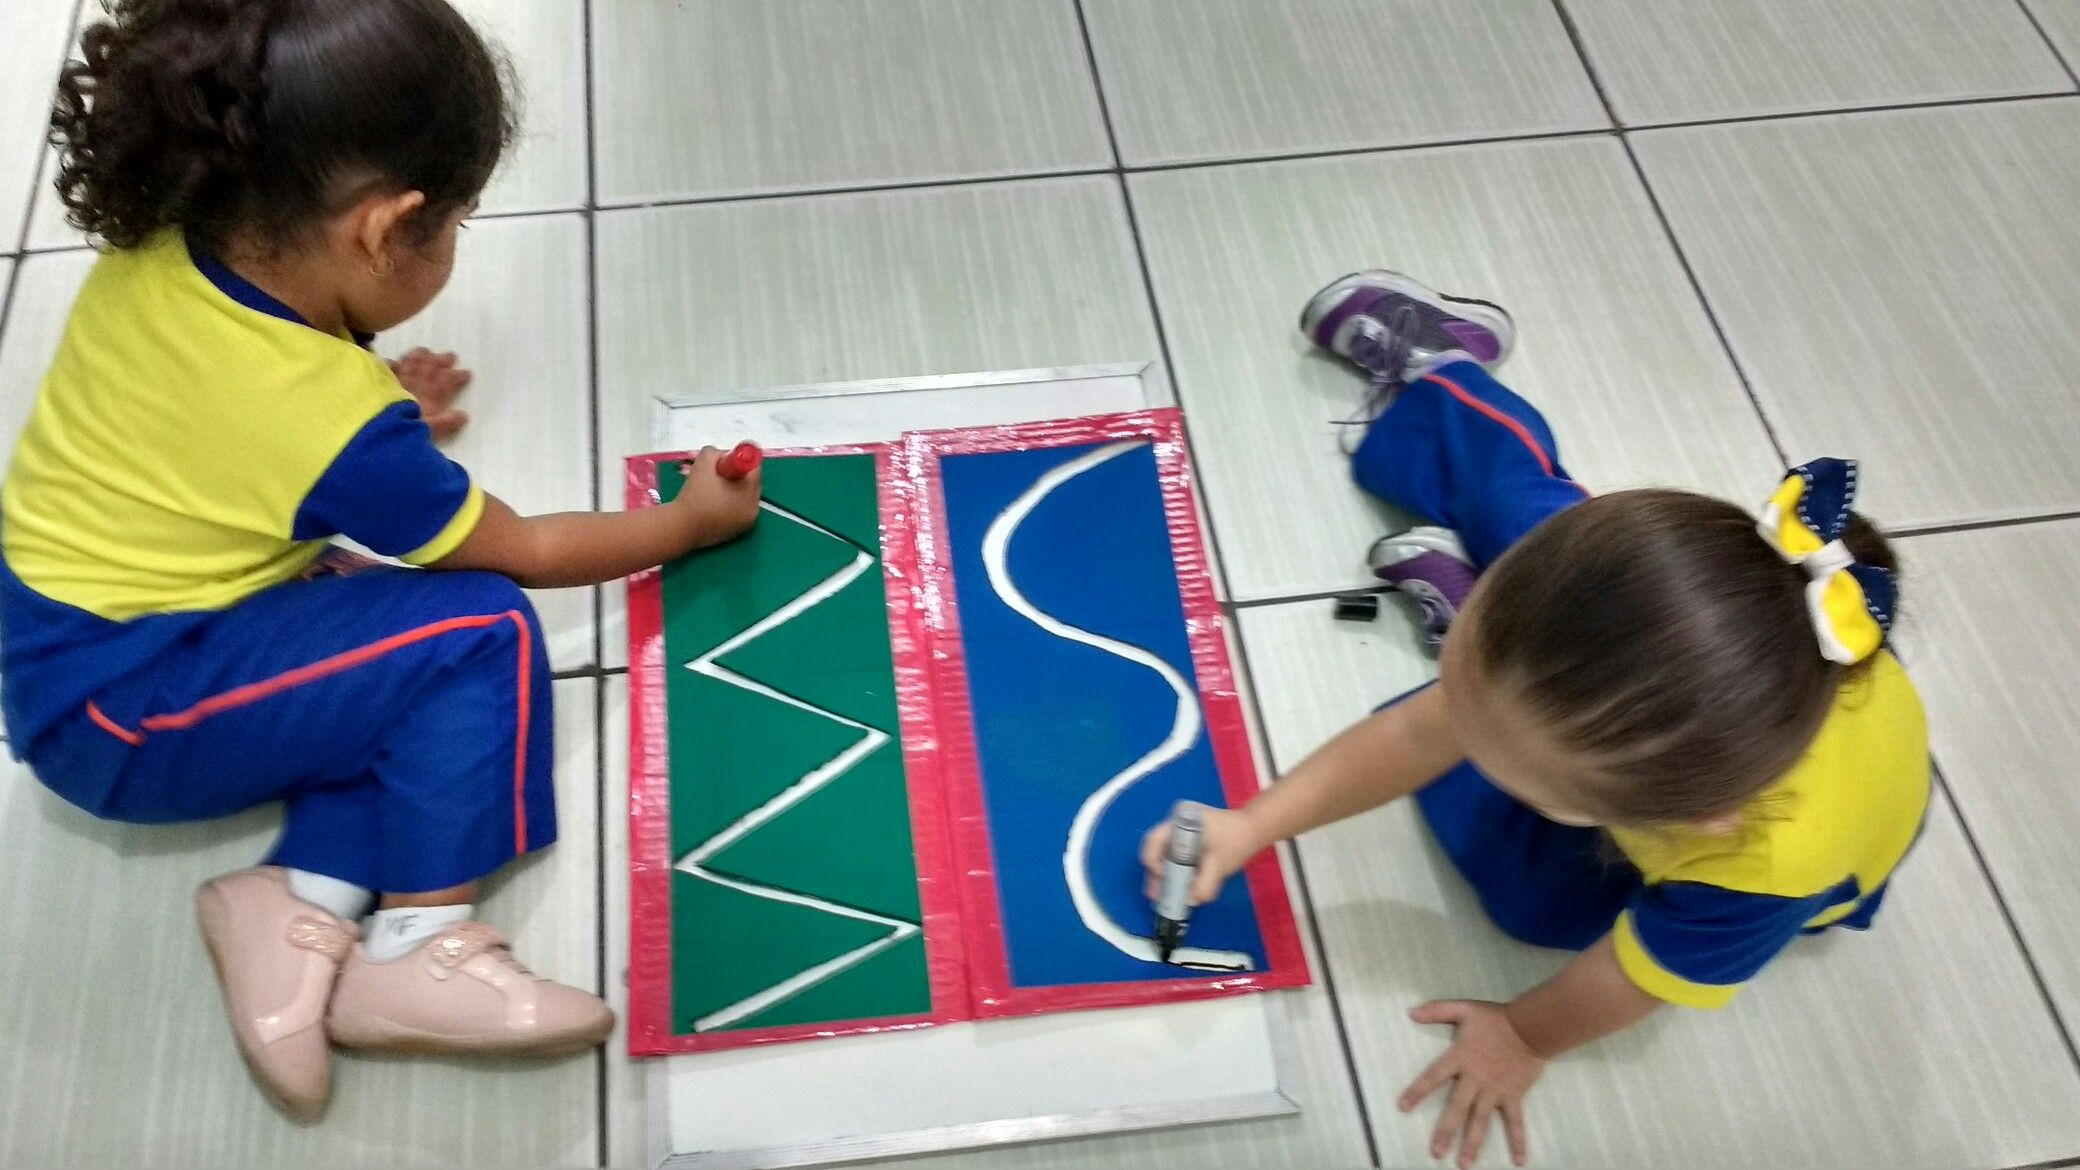 Coordenacao Motora Fina Atividades Atividades Para Educacao Infantil Atividades De Aprendizagem Para Criancas